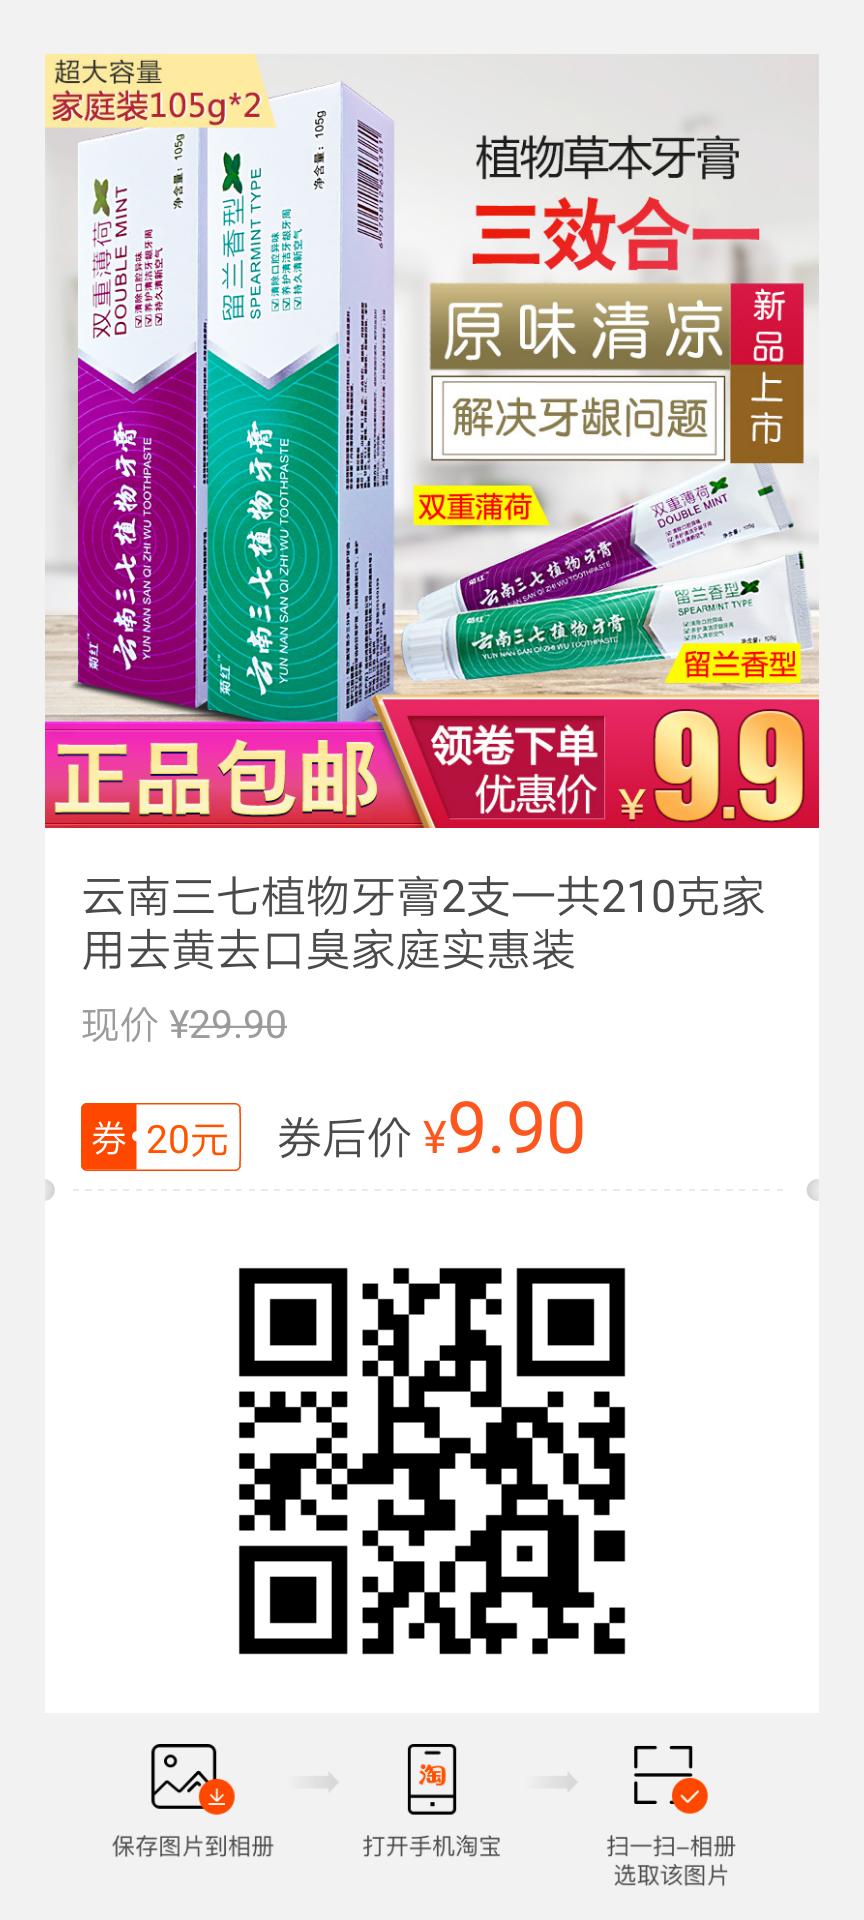 9.9云南白药牙膏2支 电动牙刷网红零食一箱  第1张